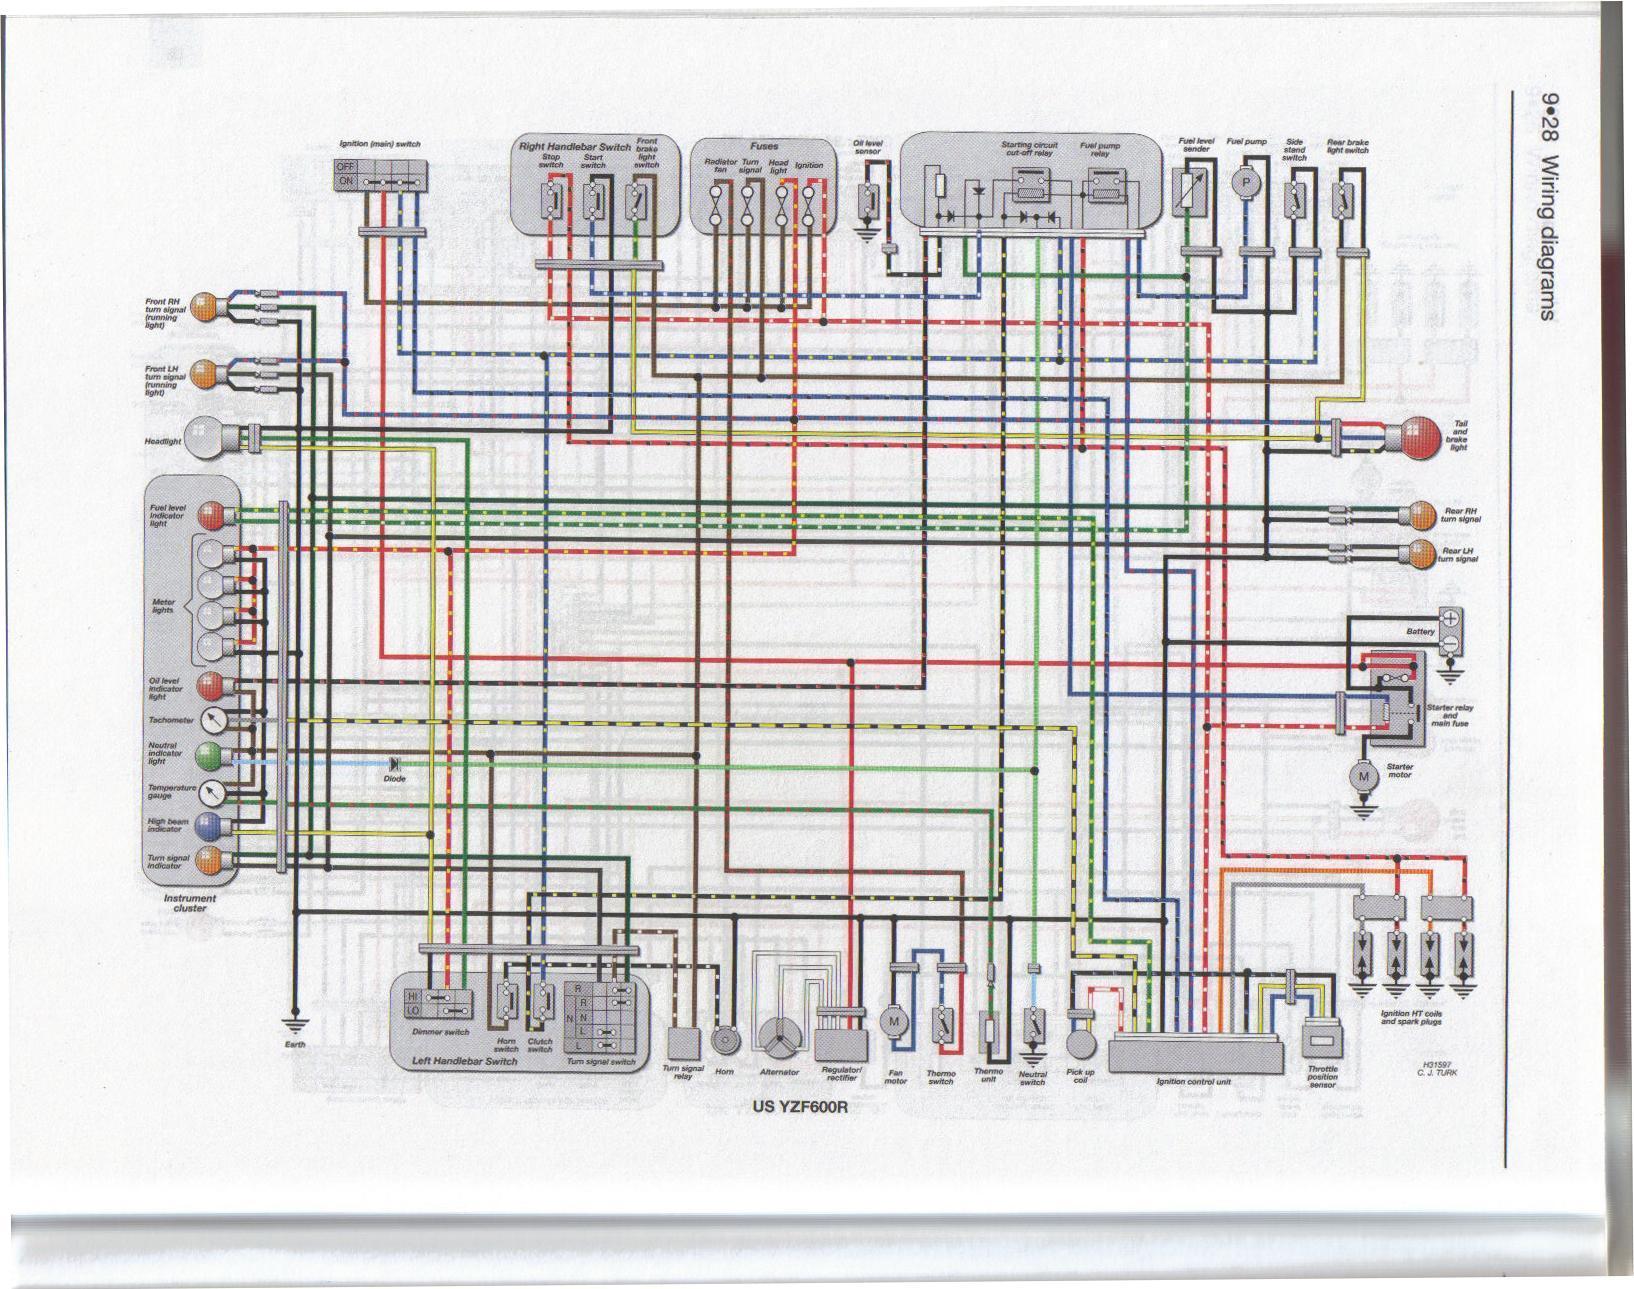 Yamaha Yzf600 Wiring Diagram Seat